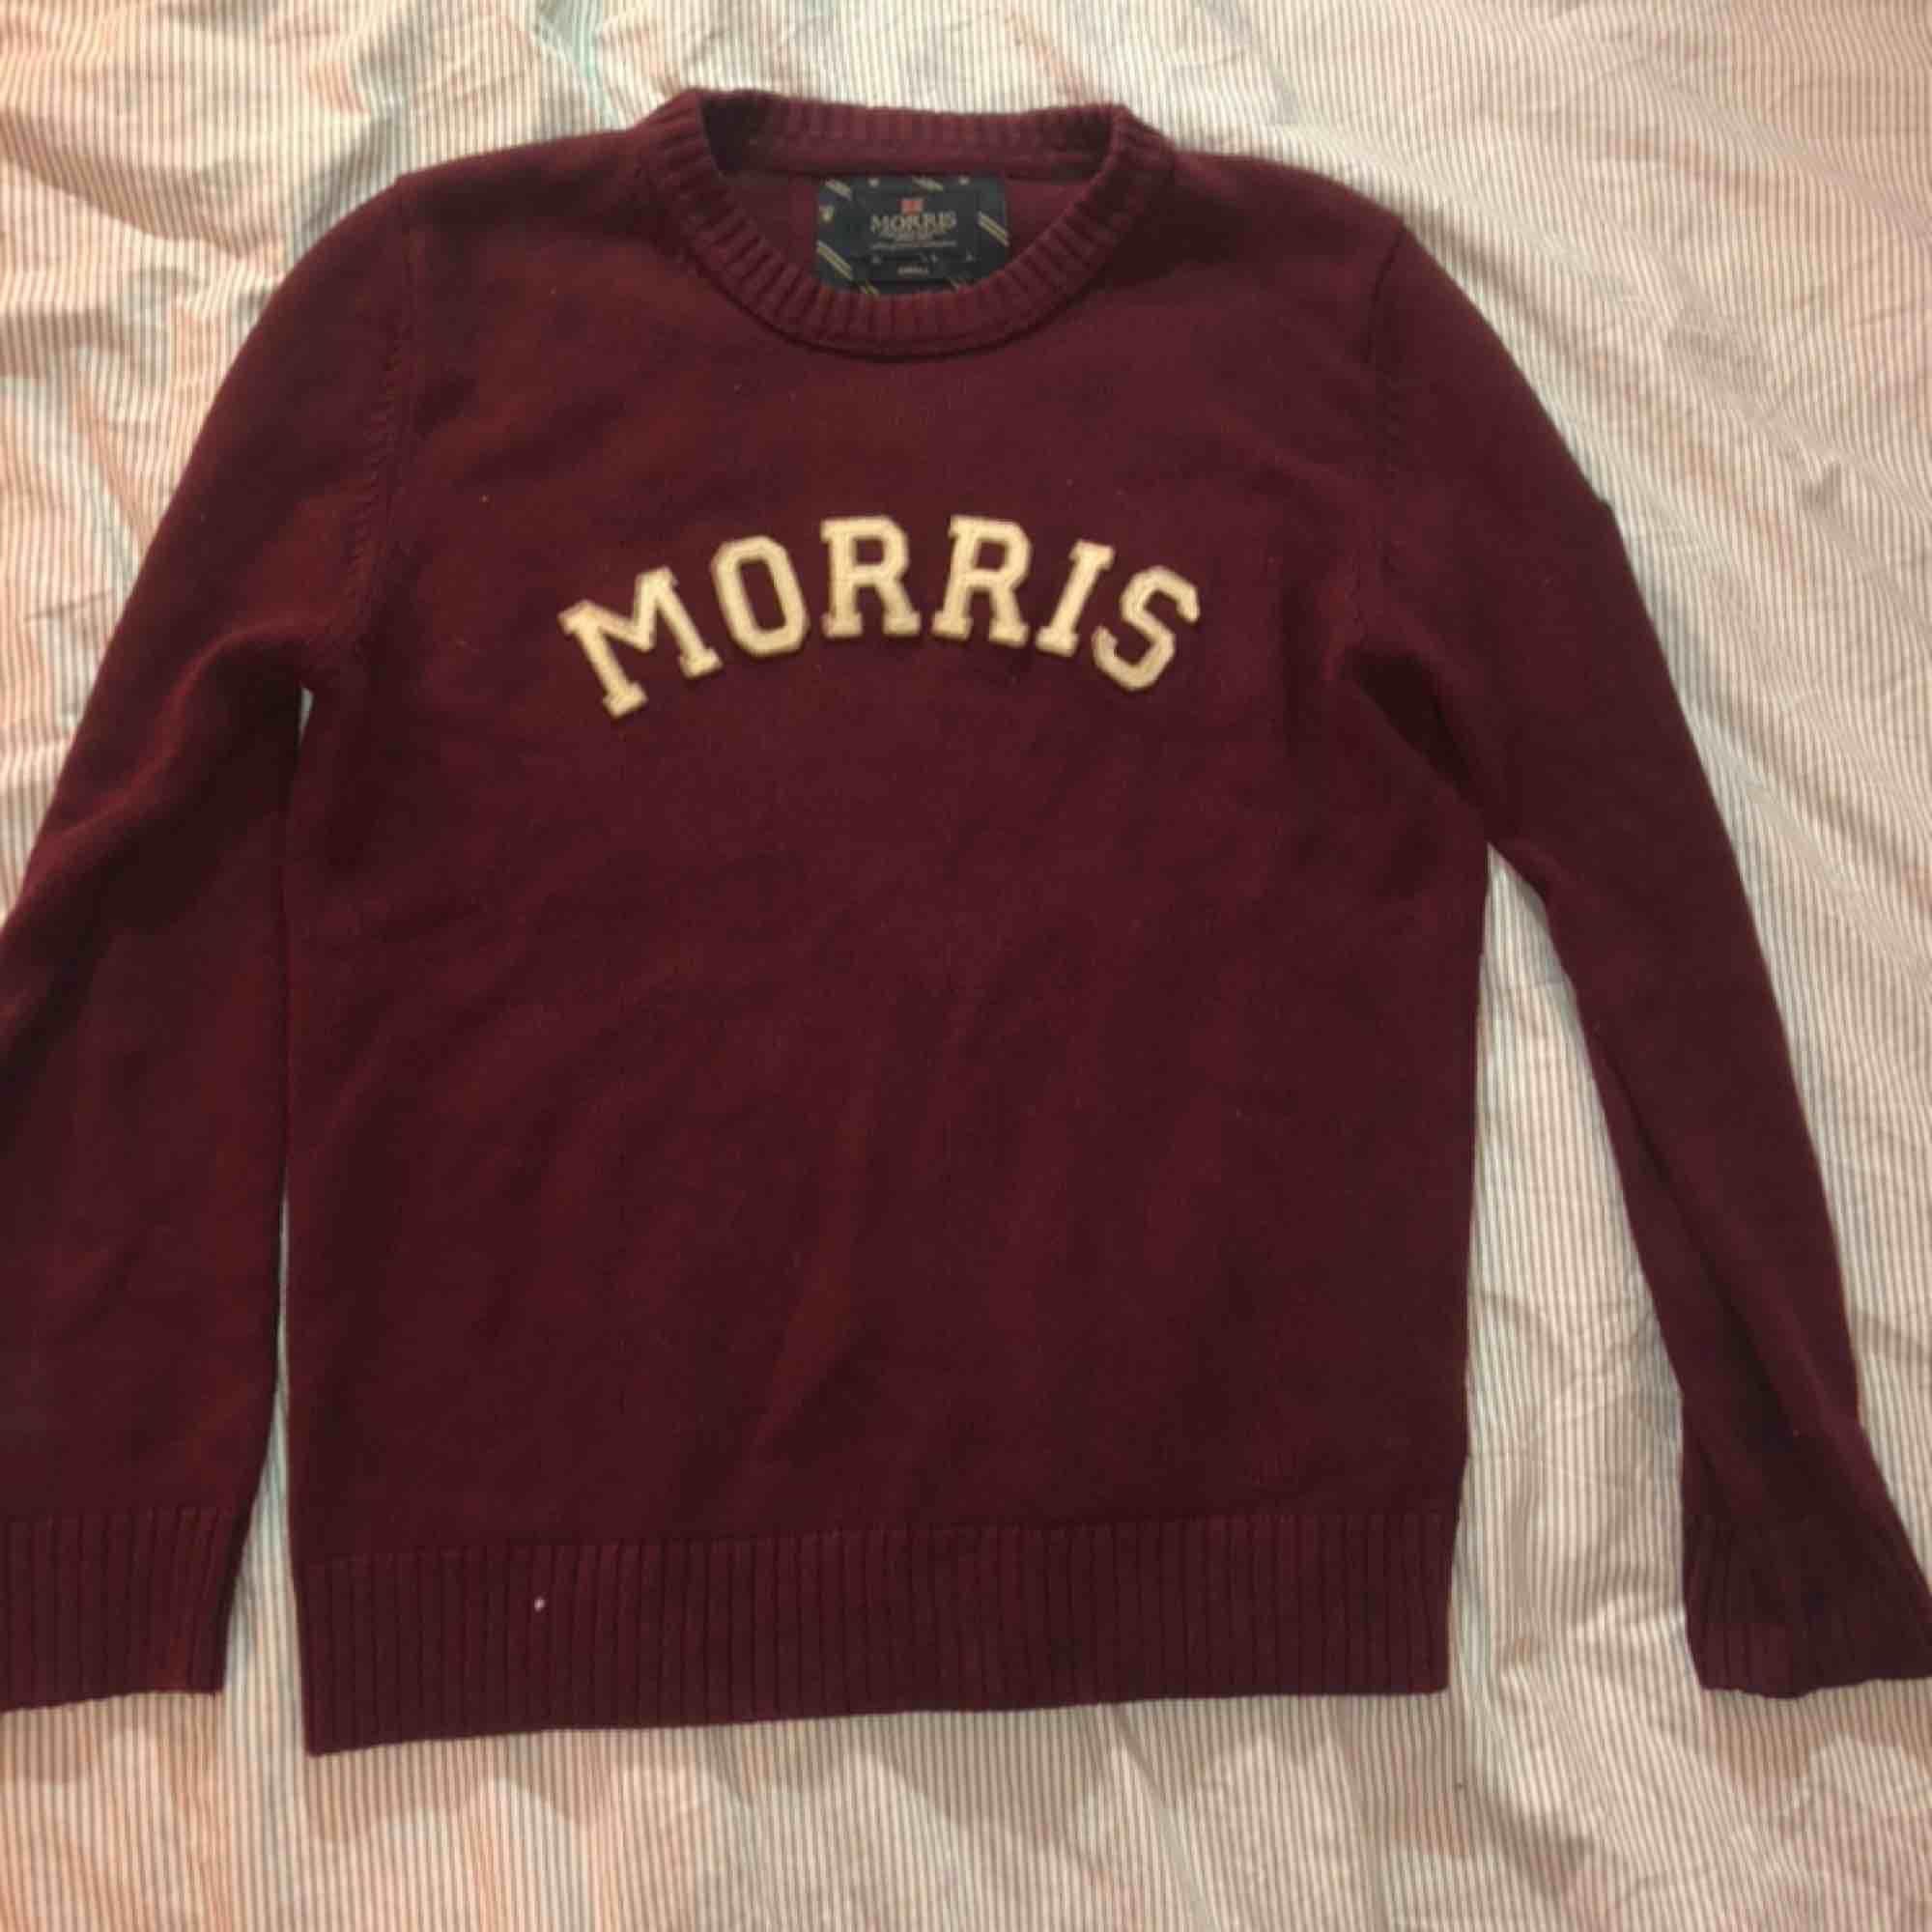 Morris tröja, använd ett fåtal gånger. Nypris 1300.. Tröjor & Koftor.